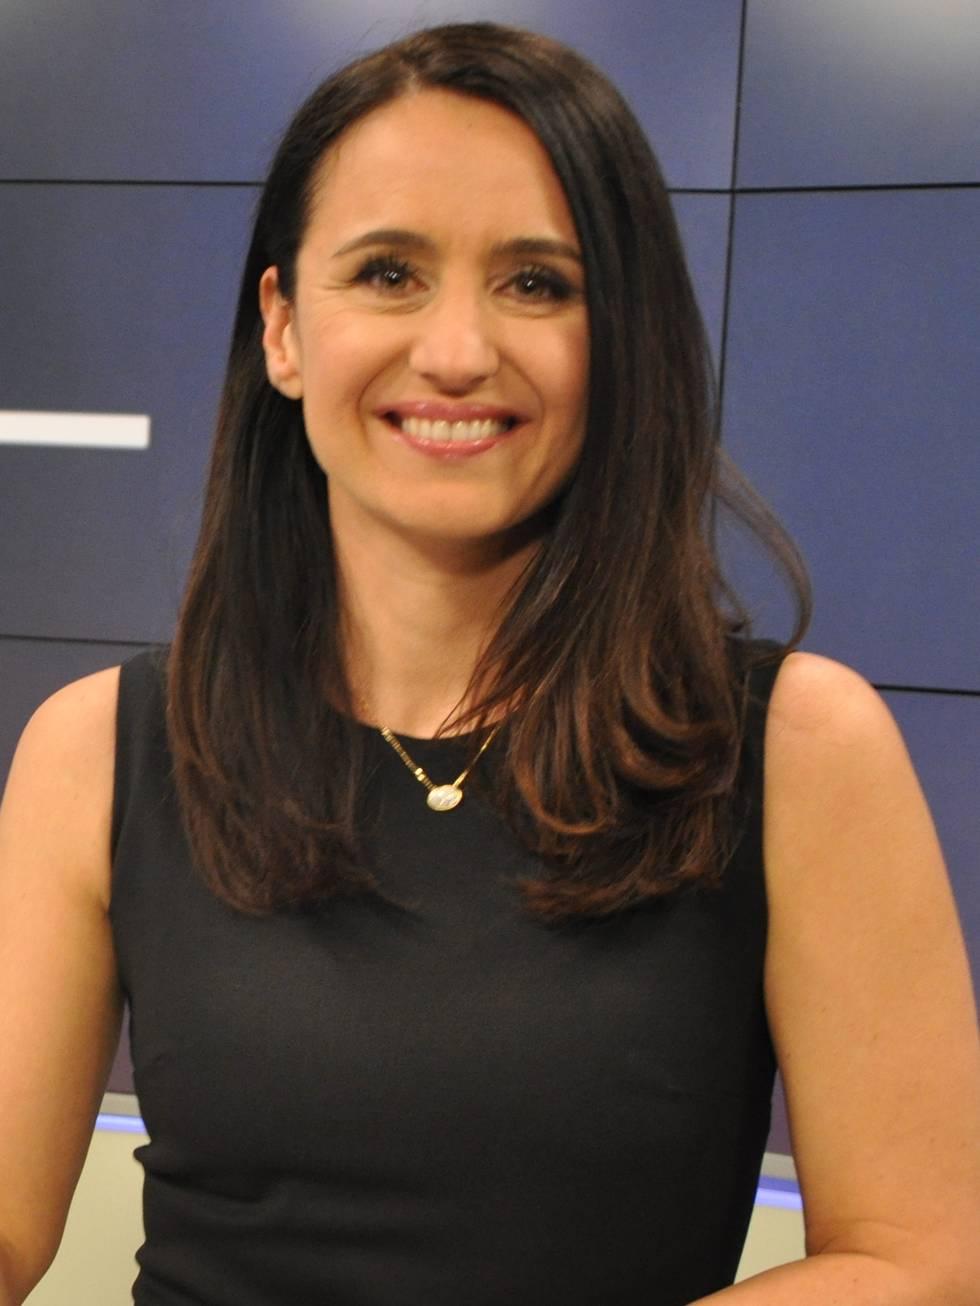 Alessandra Spataro